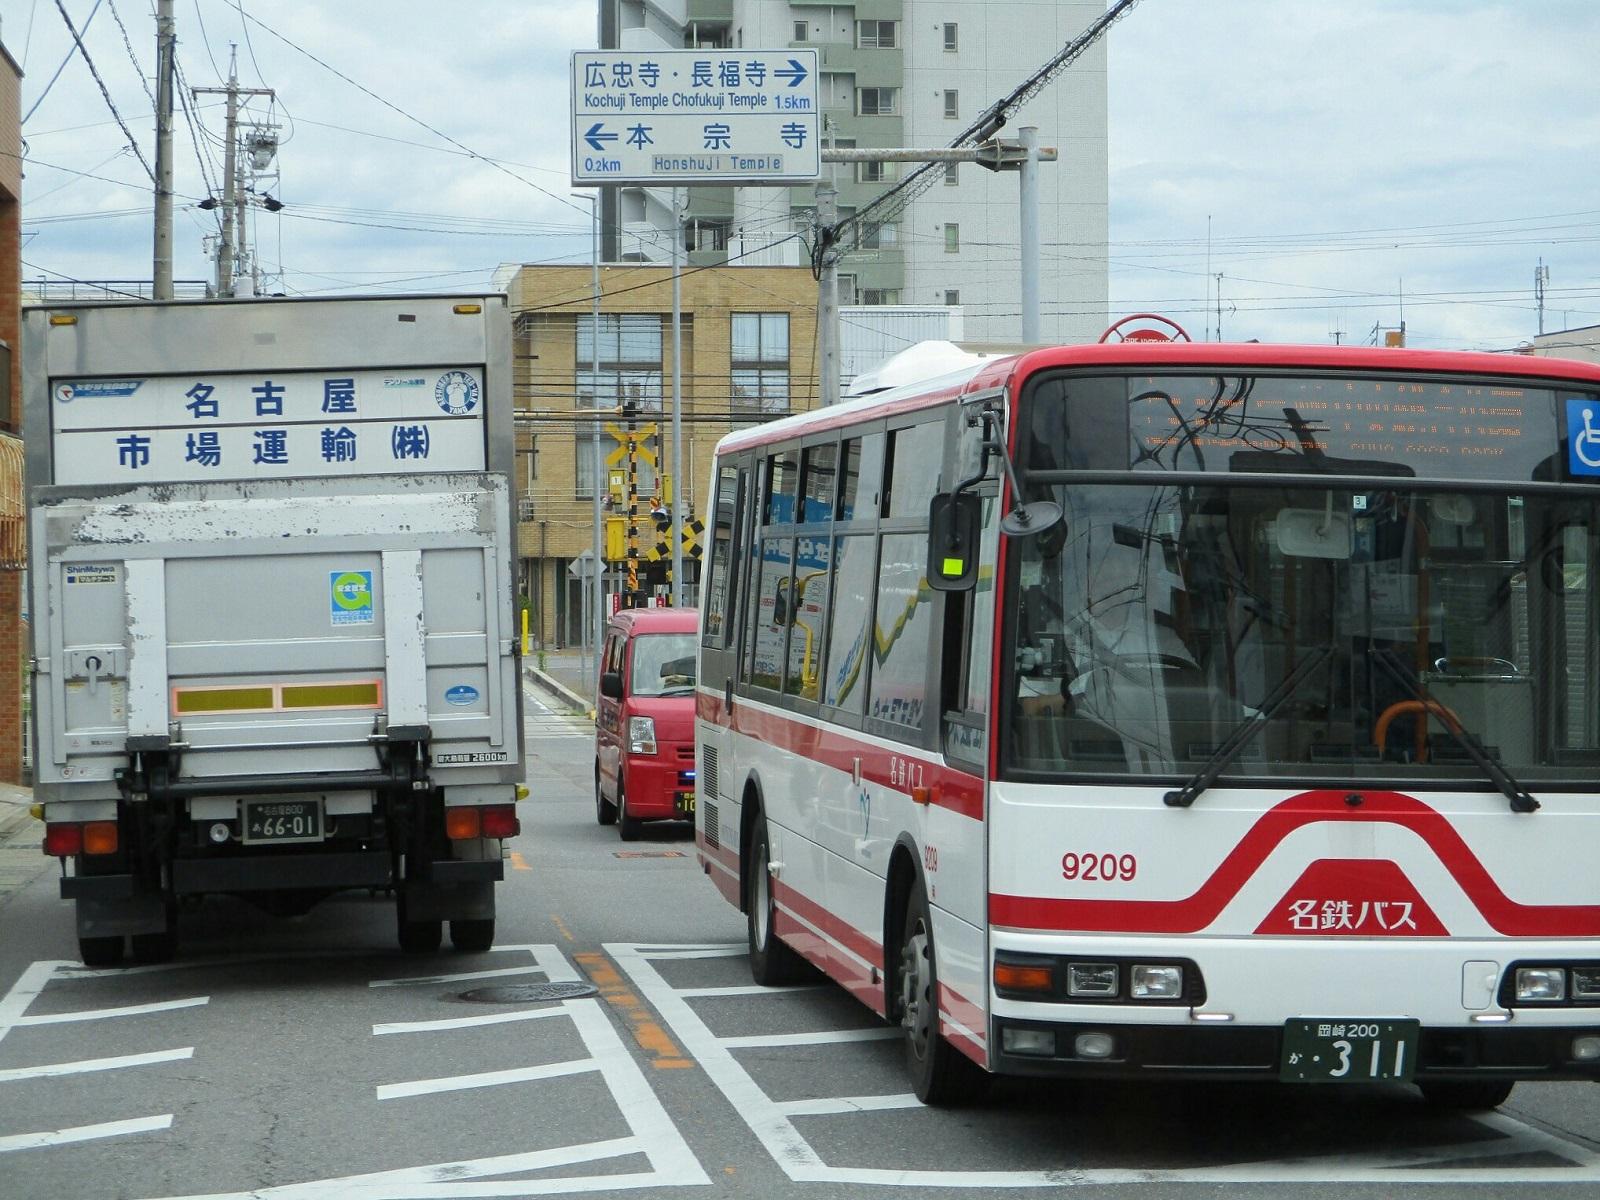 2018.6.19 (41) 美合駅いきバス - バス停間(はんたいバス) 1600-1200